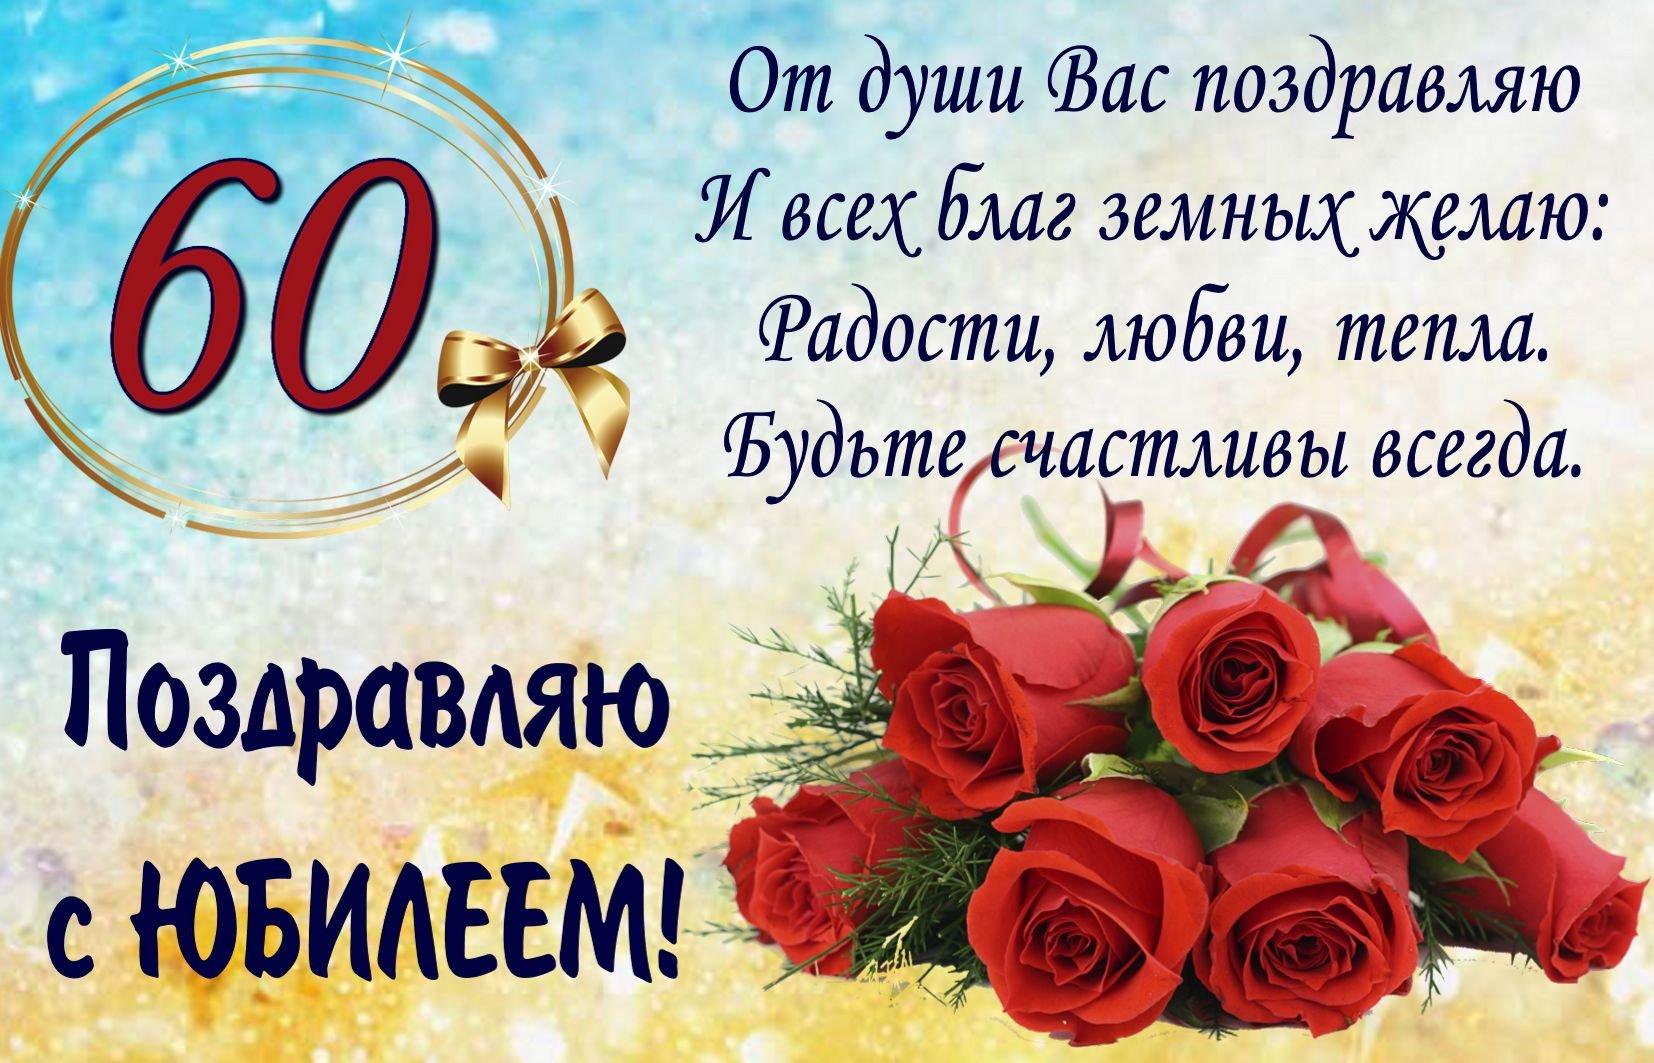 К 60-летию открытки